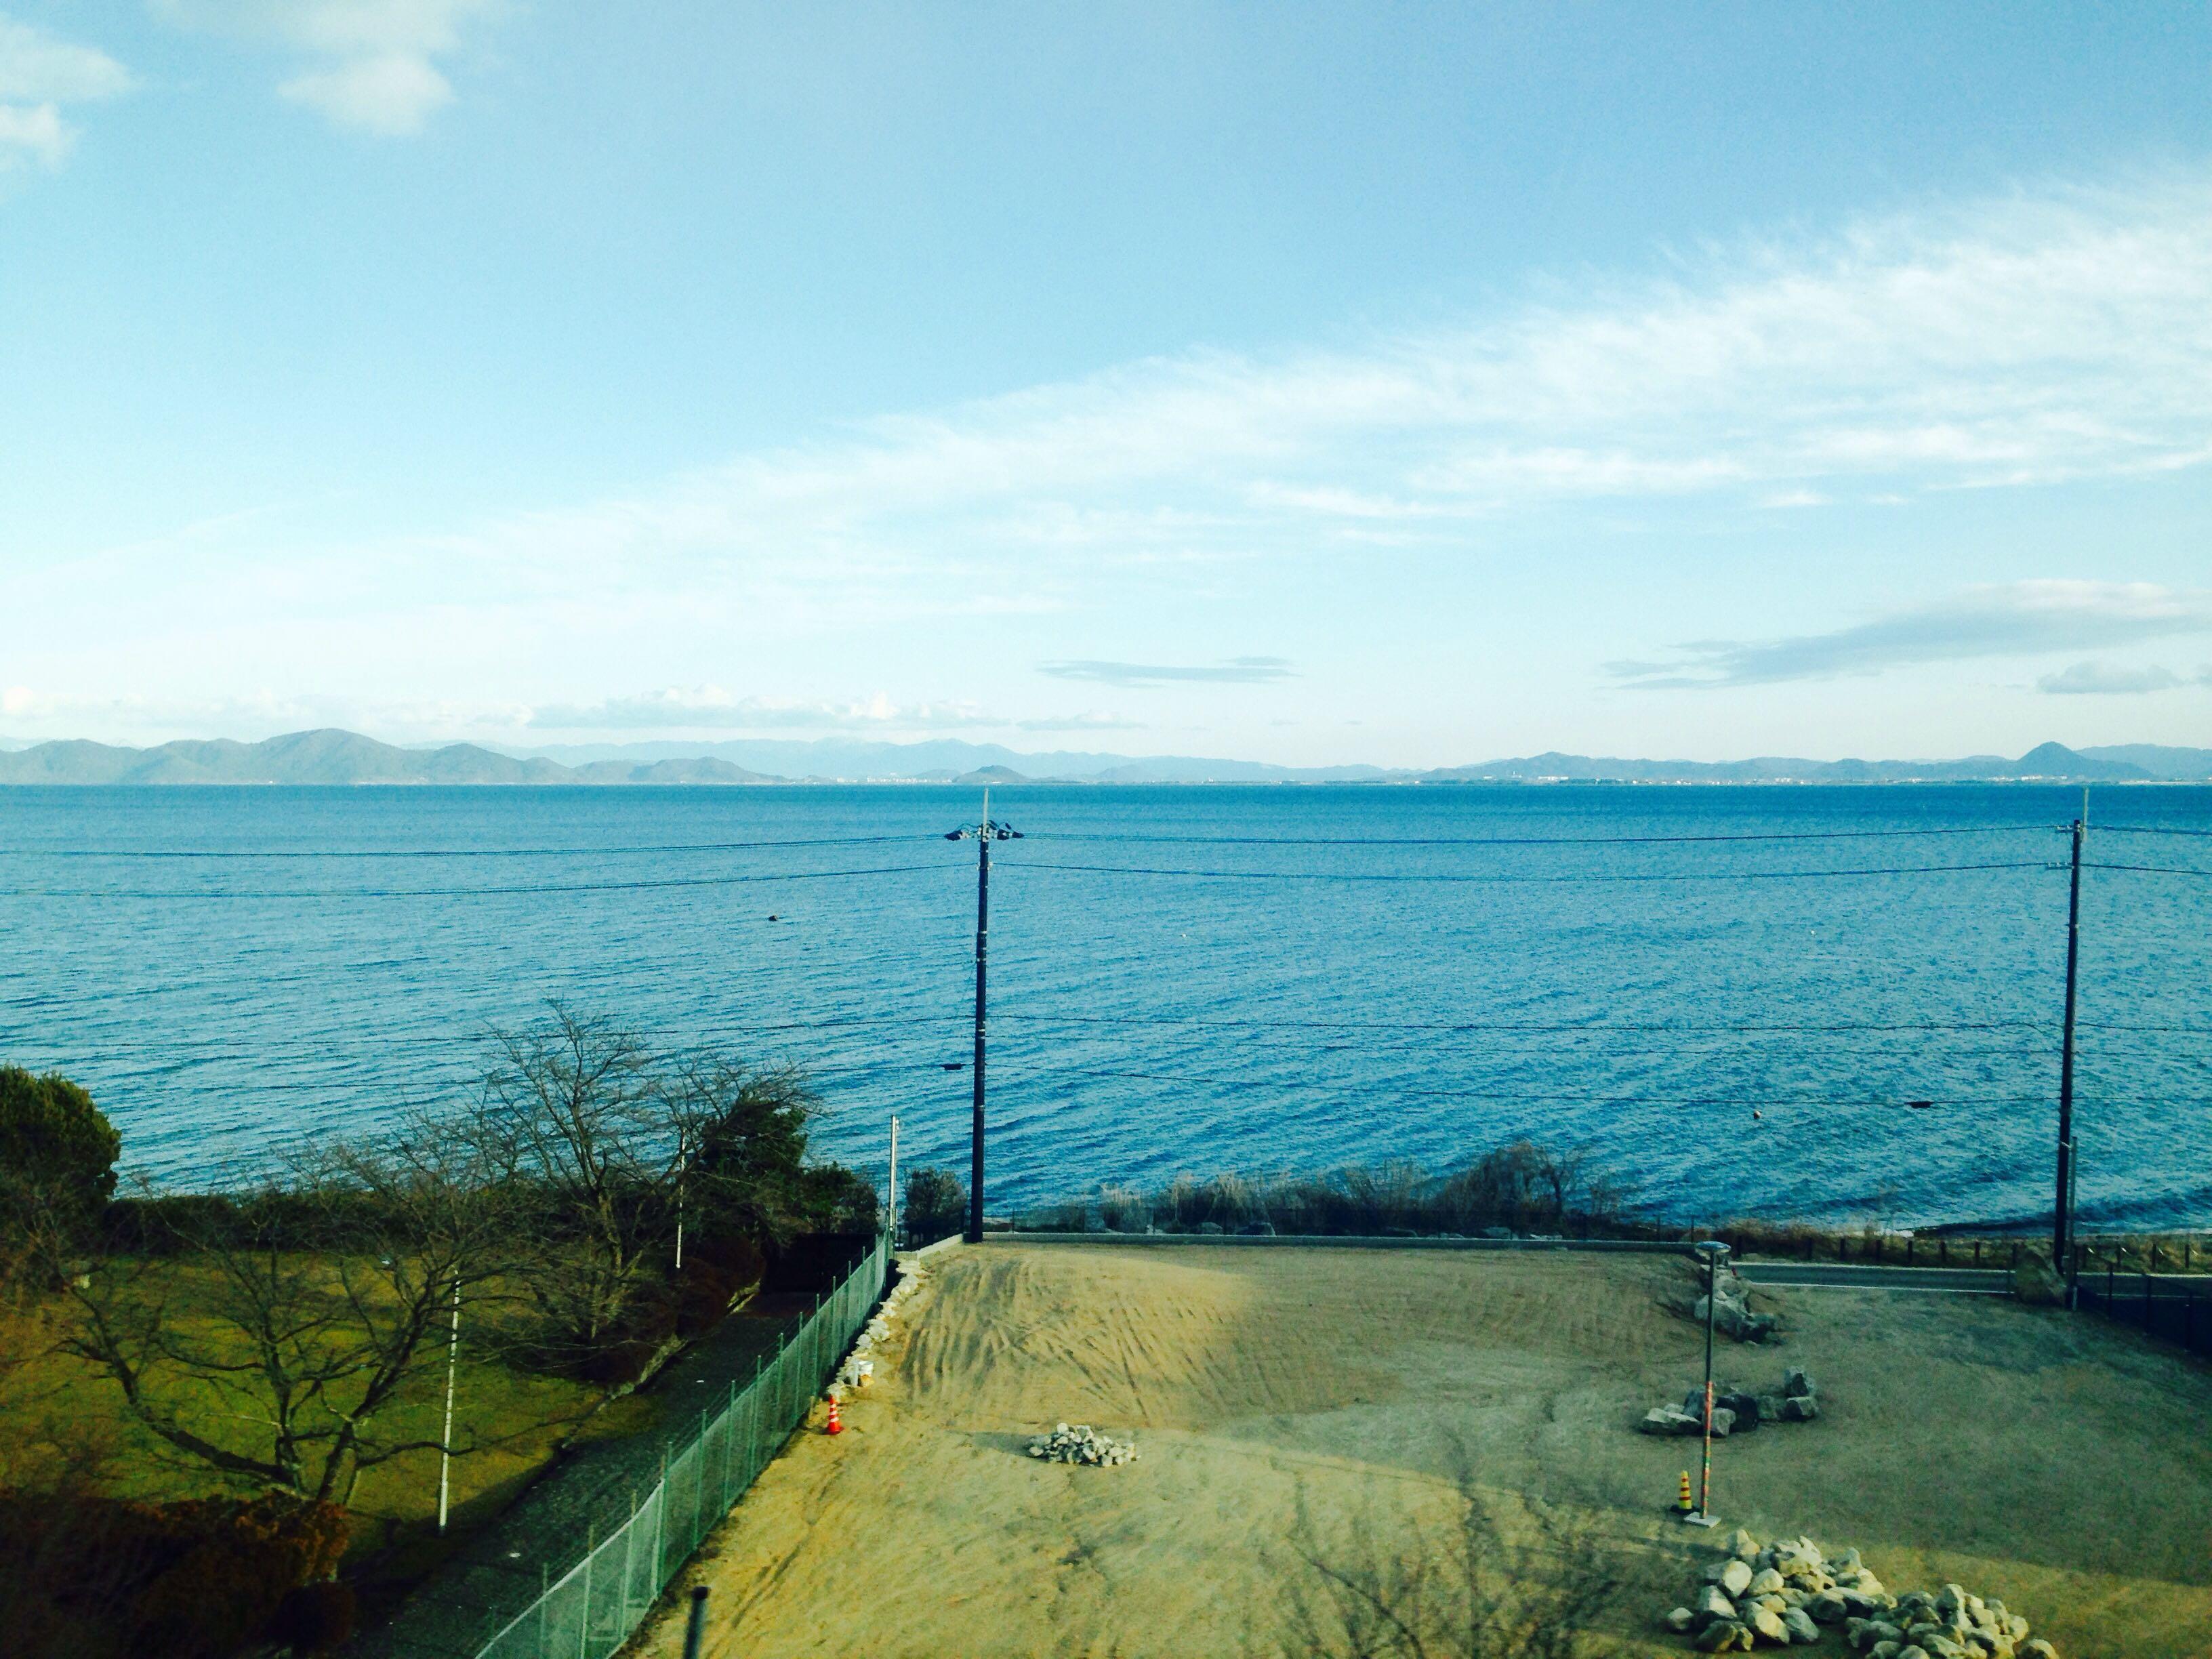 大阪京都〜金沢福井を走る特急サンダーバードで、琵琶湖が見える席は?コンセントは?